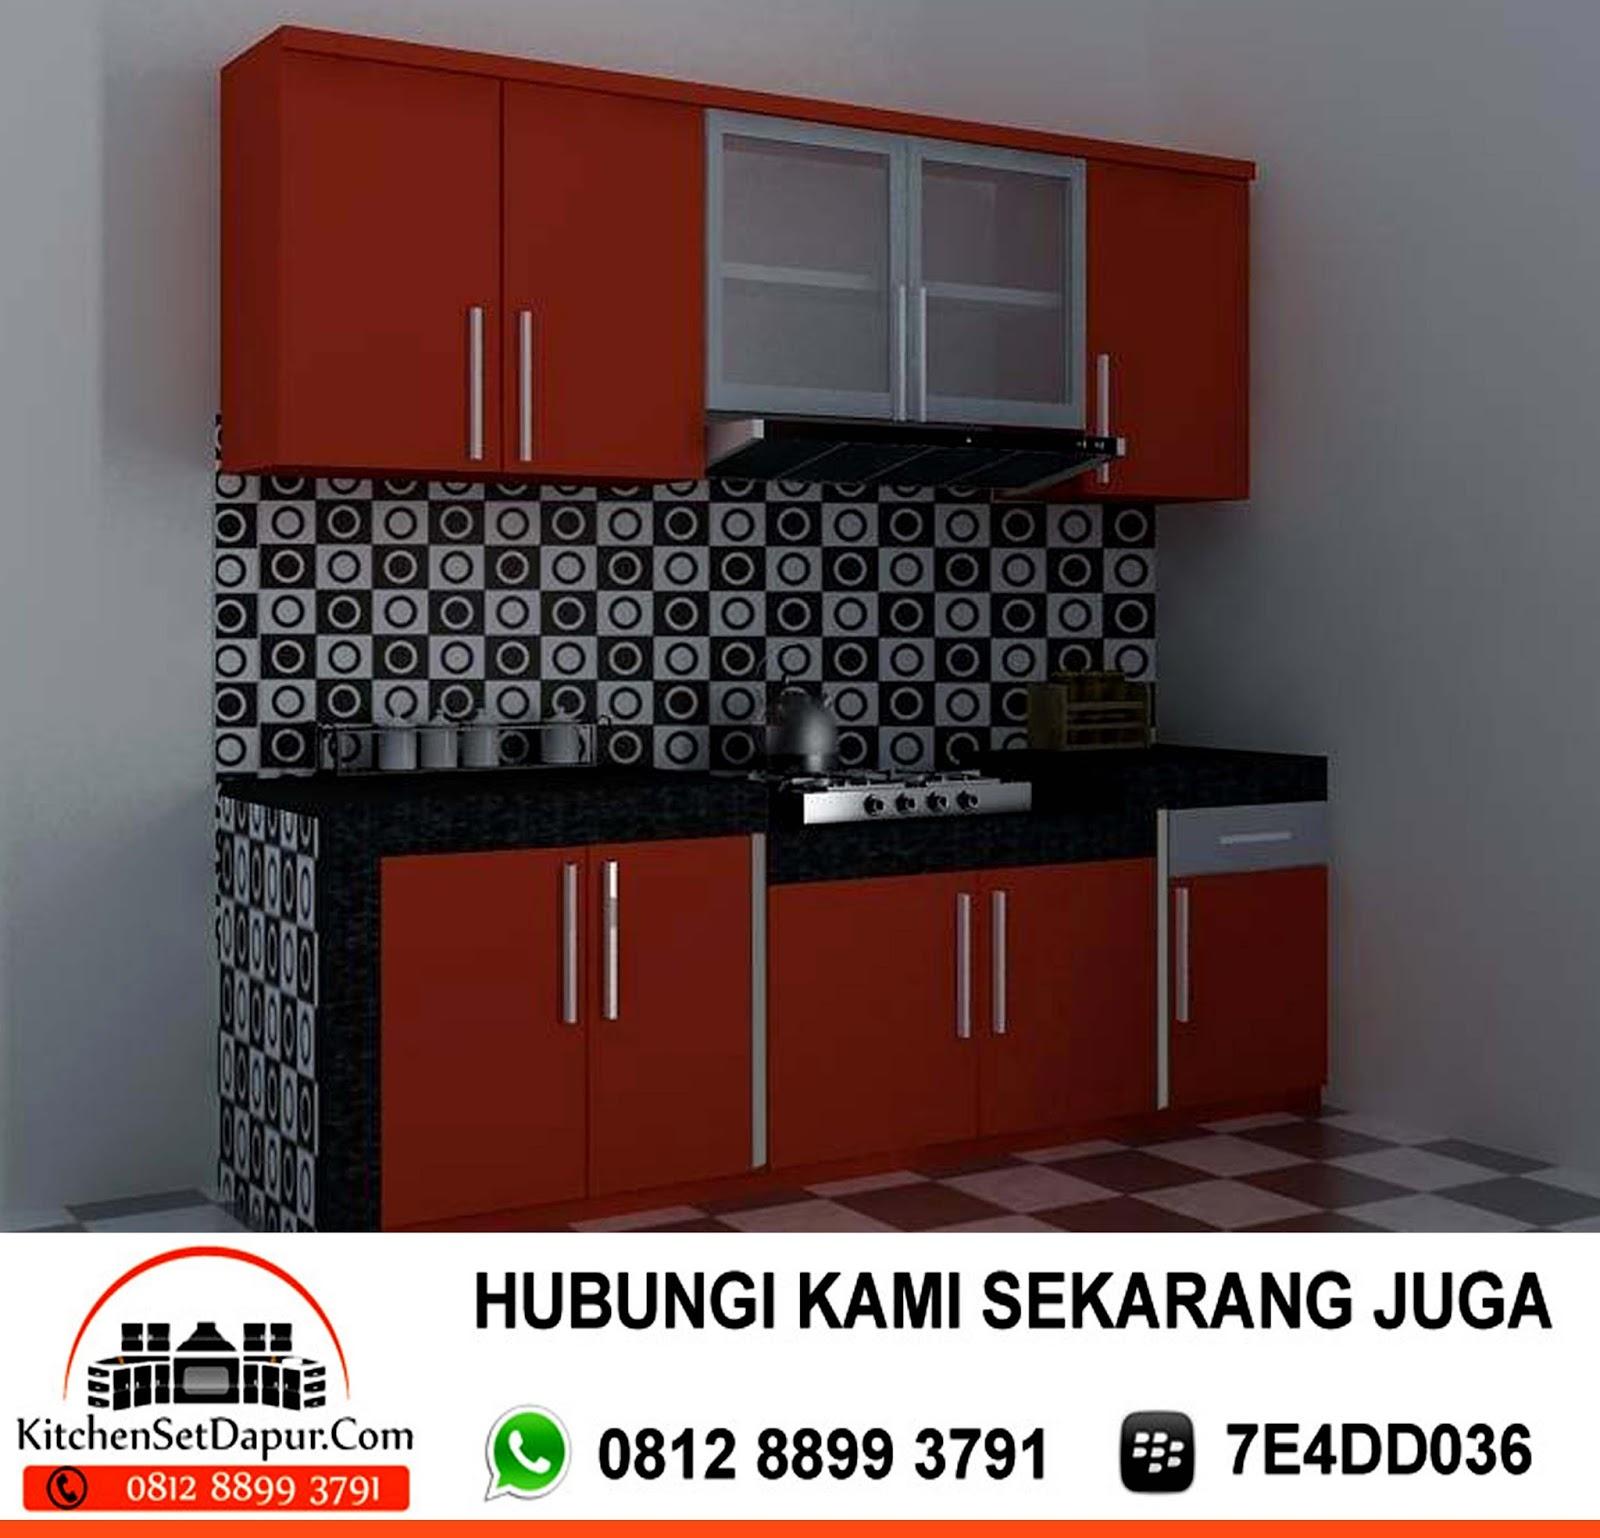 Jasa Kitchen Set Bintaro Hub 081288993791: JASA / TUKANG